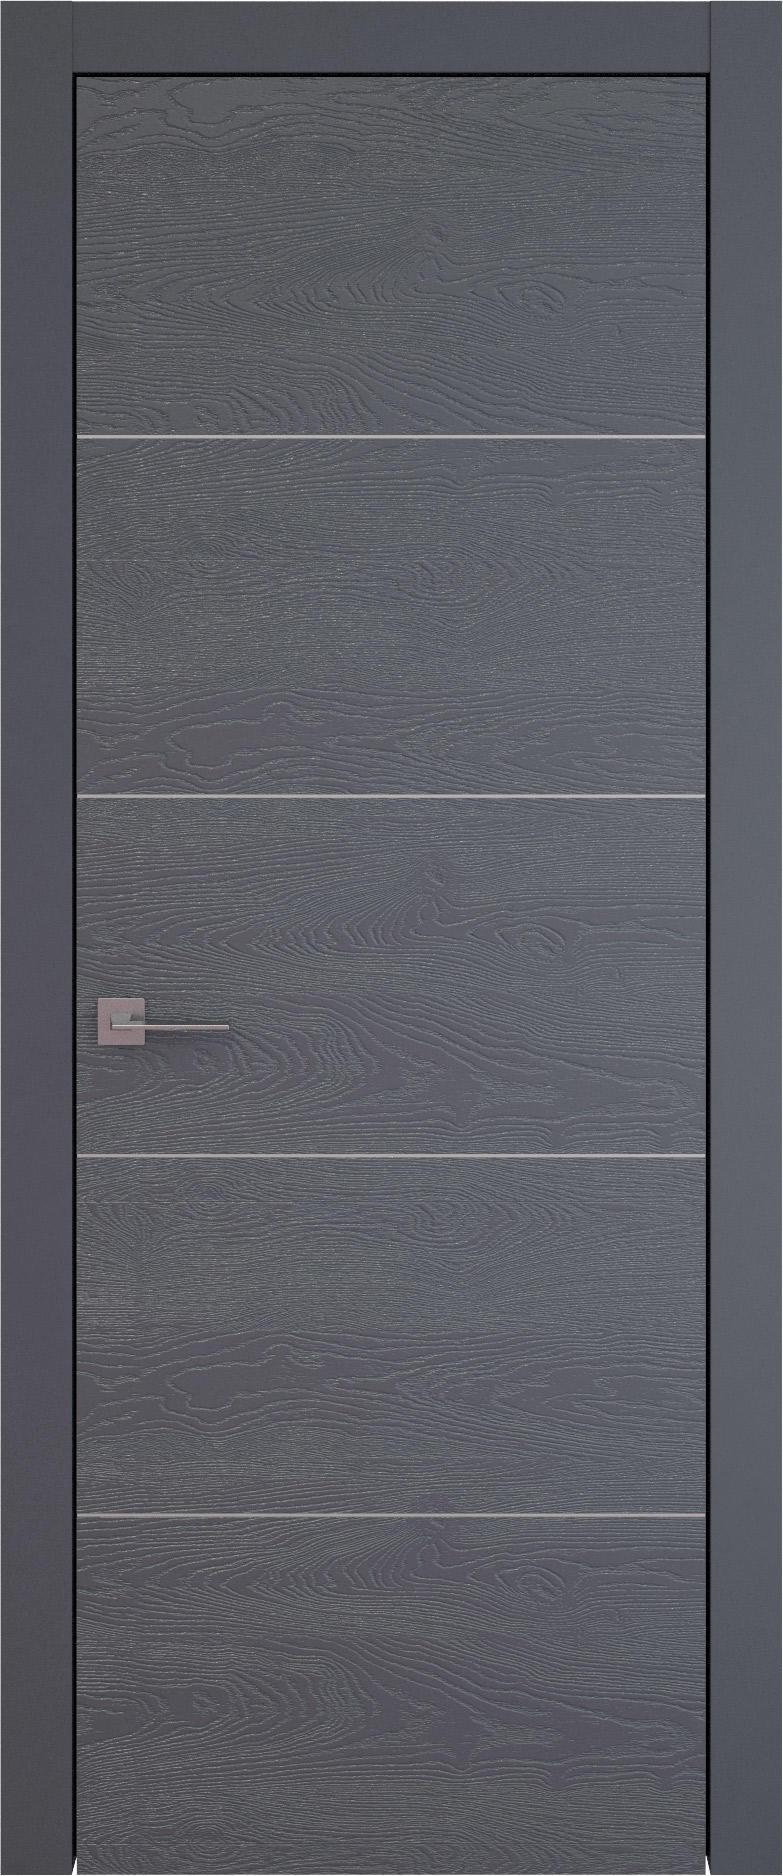 Tivoli Д-3 цвет - Графитово-серая эмаль по шпону (RAL 7024) Без стекла (ДГ)